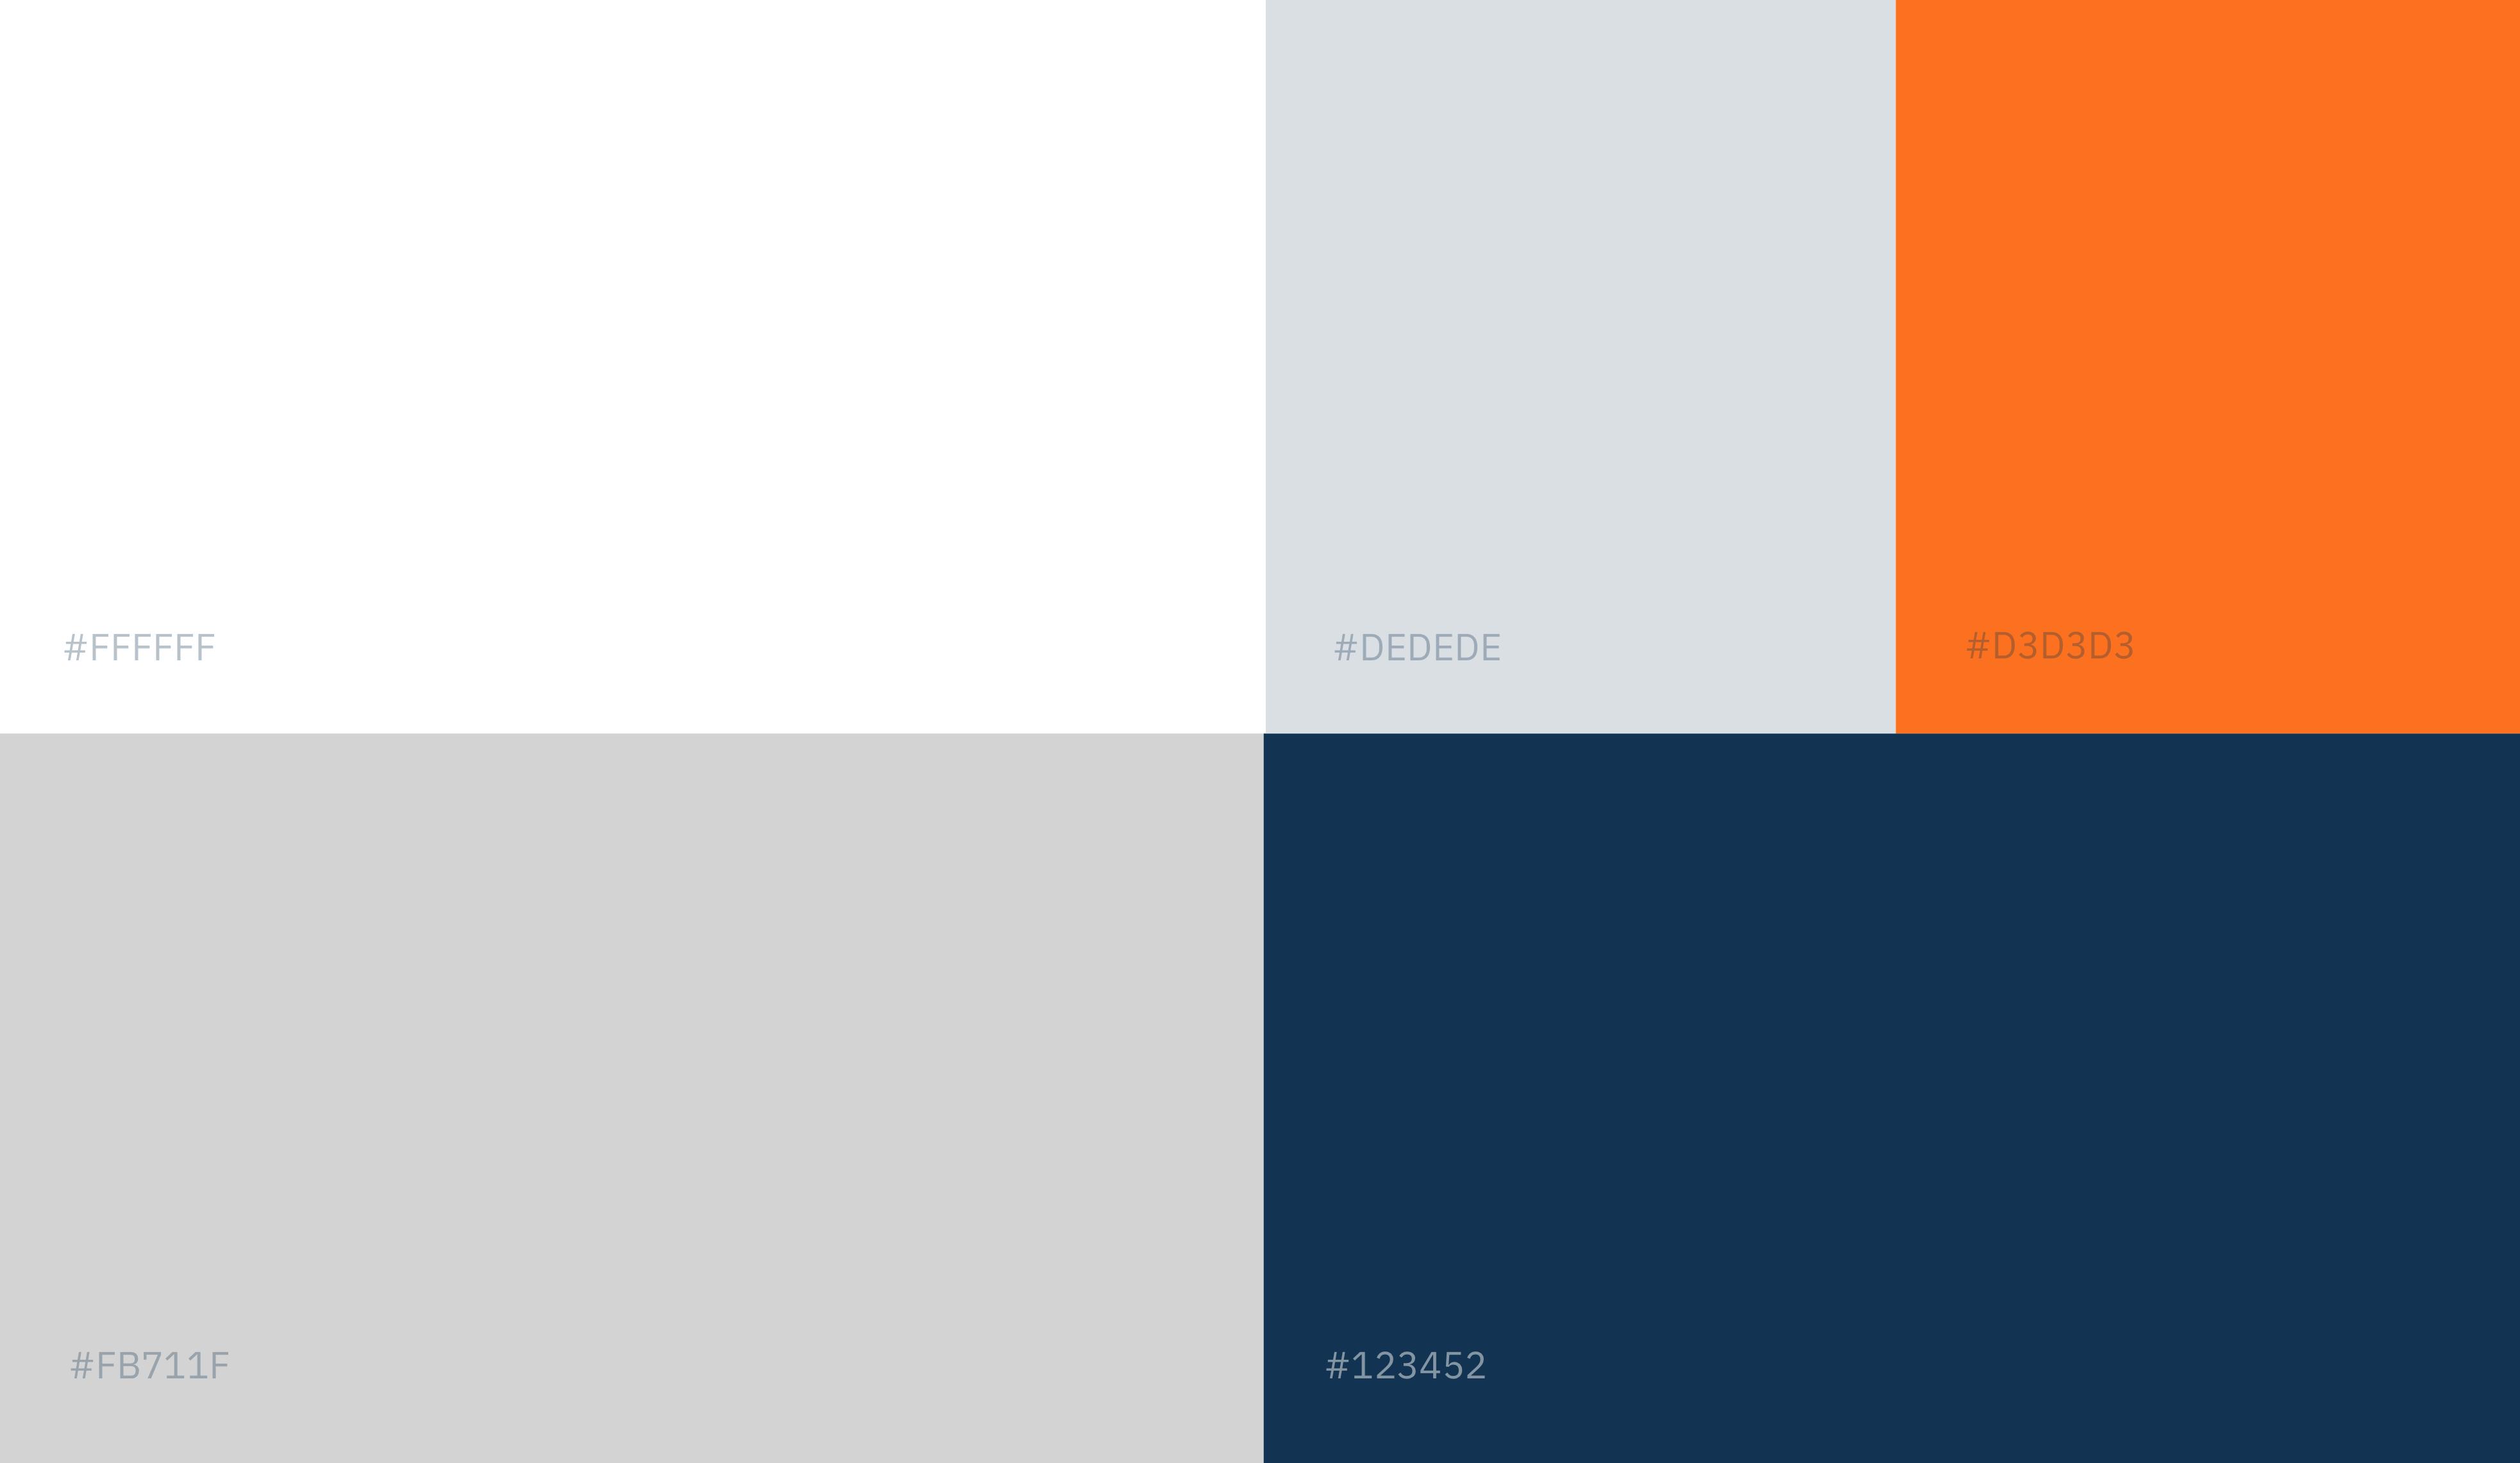 Schermafbeelding 2020-10-05 om 16.16.02